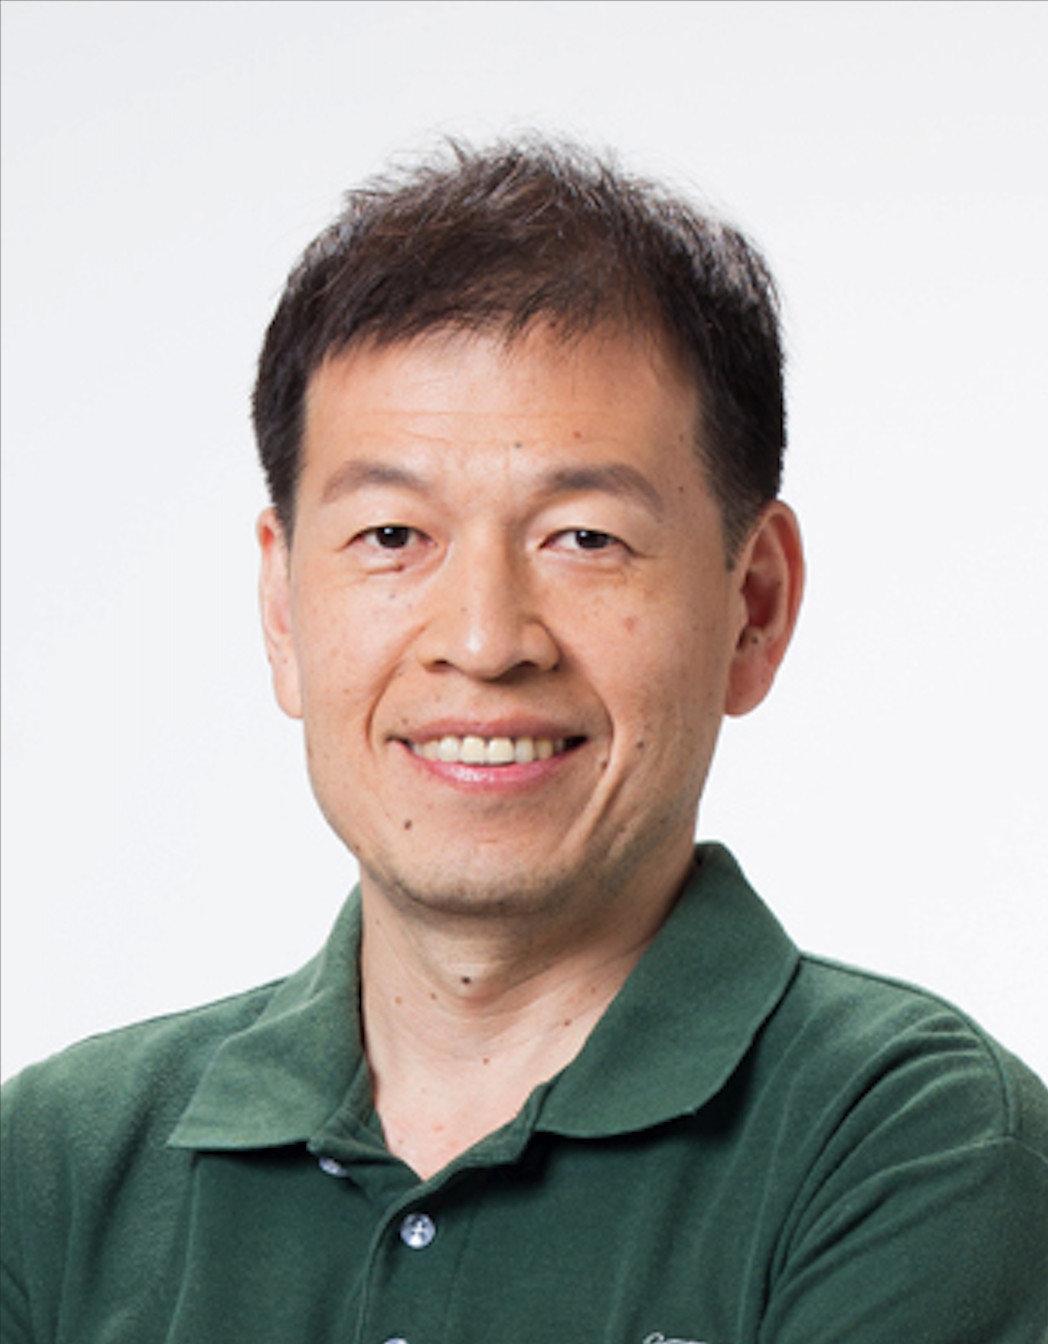 台灣運動科學重要推手相子元教授